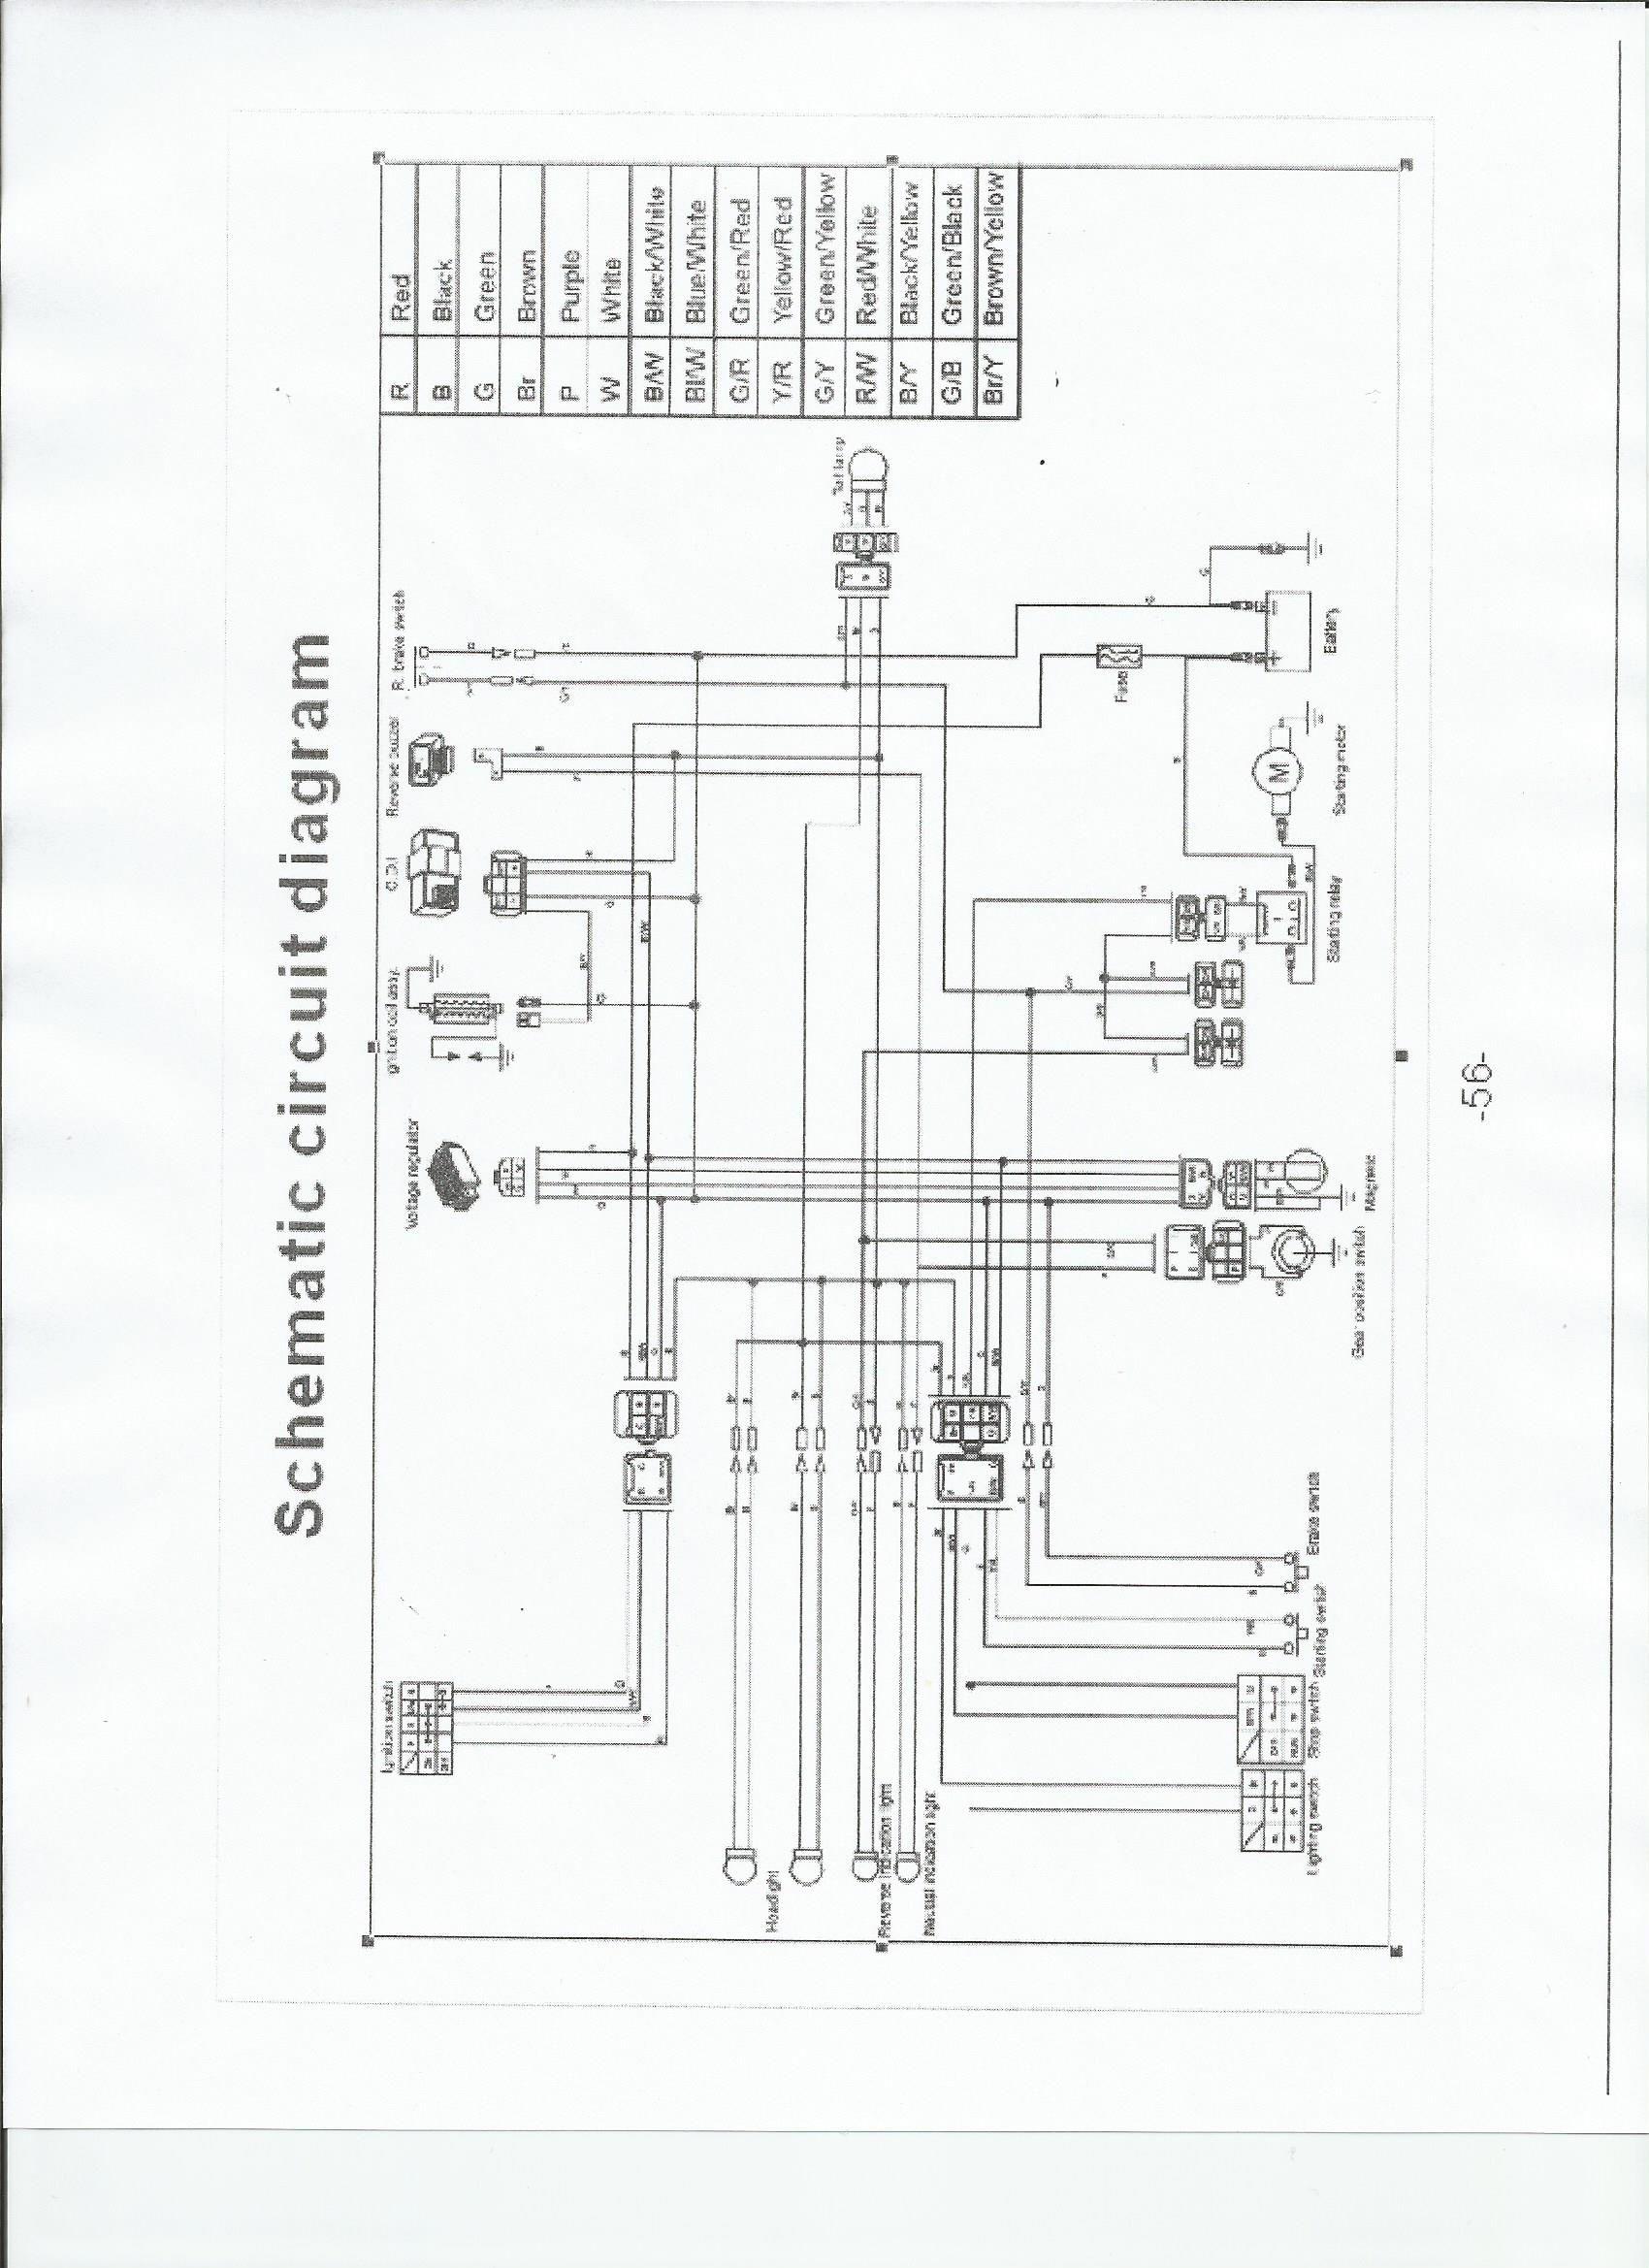 Buyang Bmx Atv Wiring Diagram 110cc Wiring Diagram